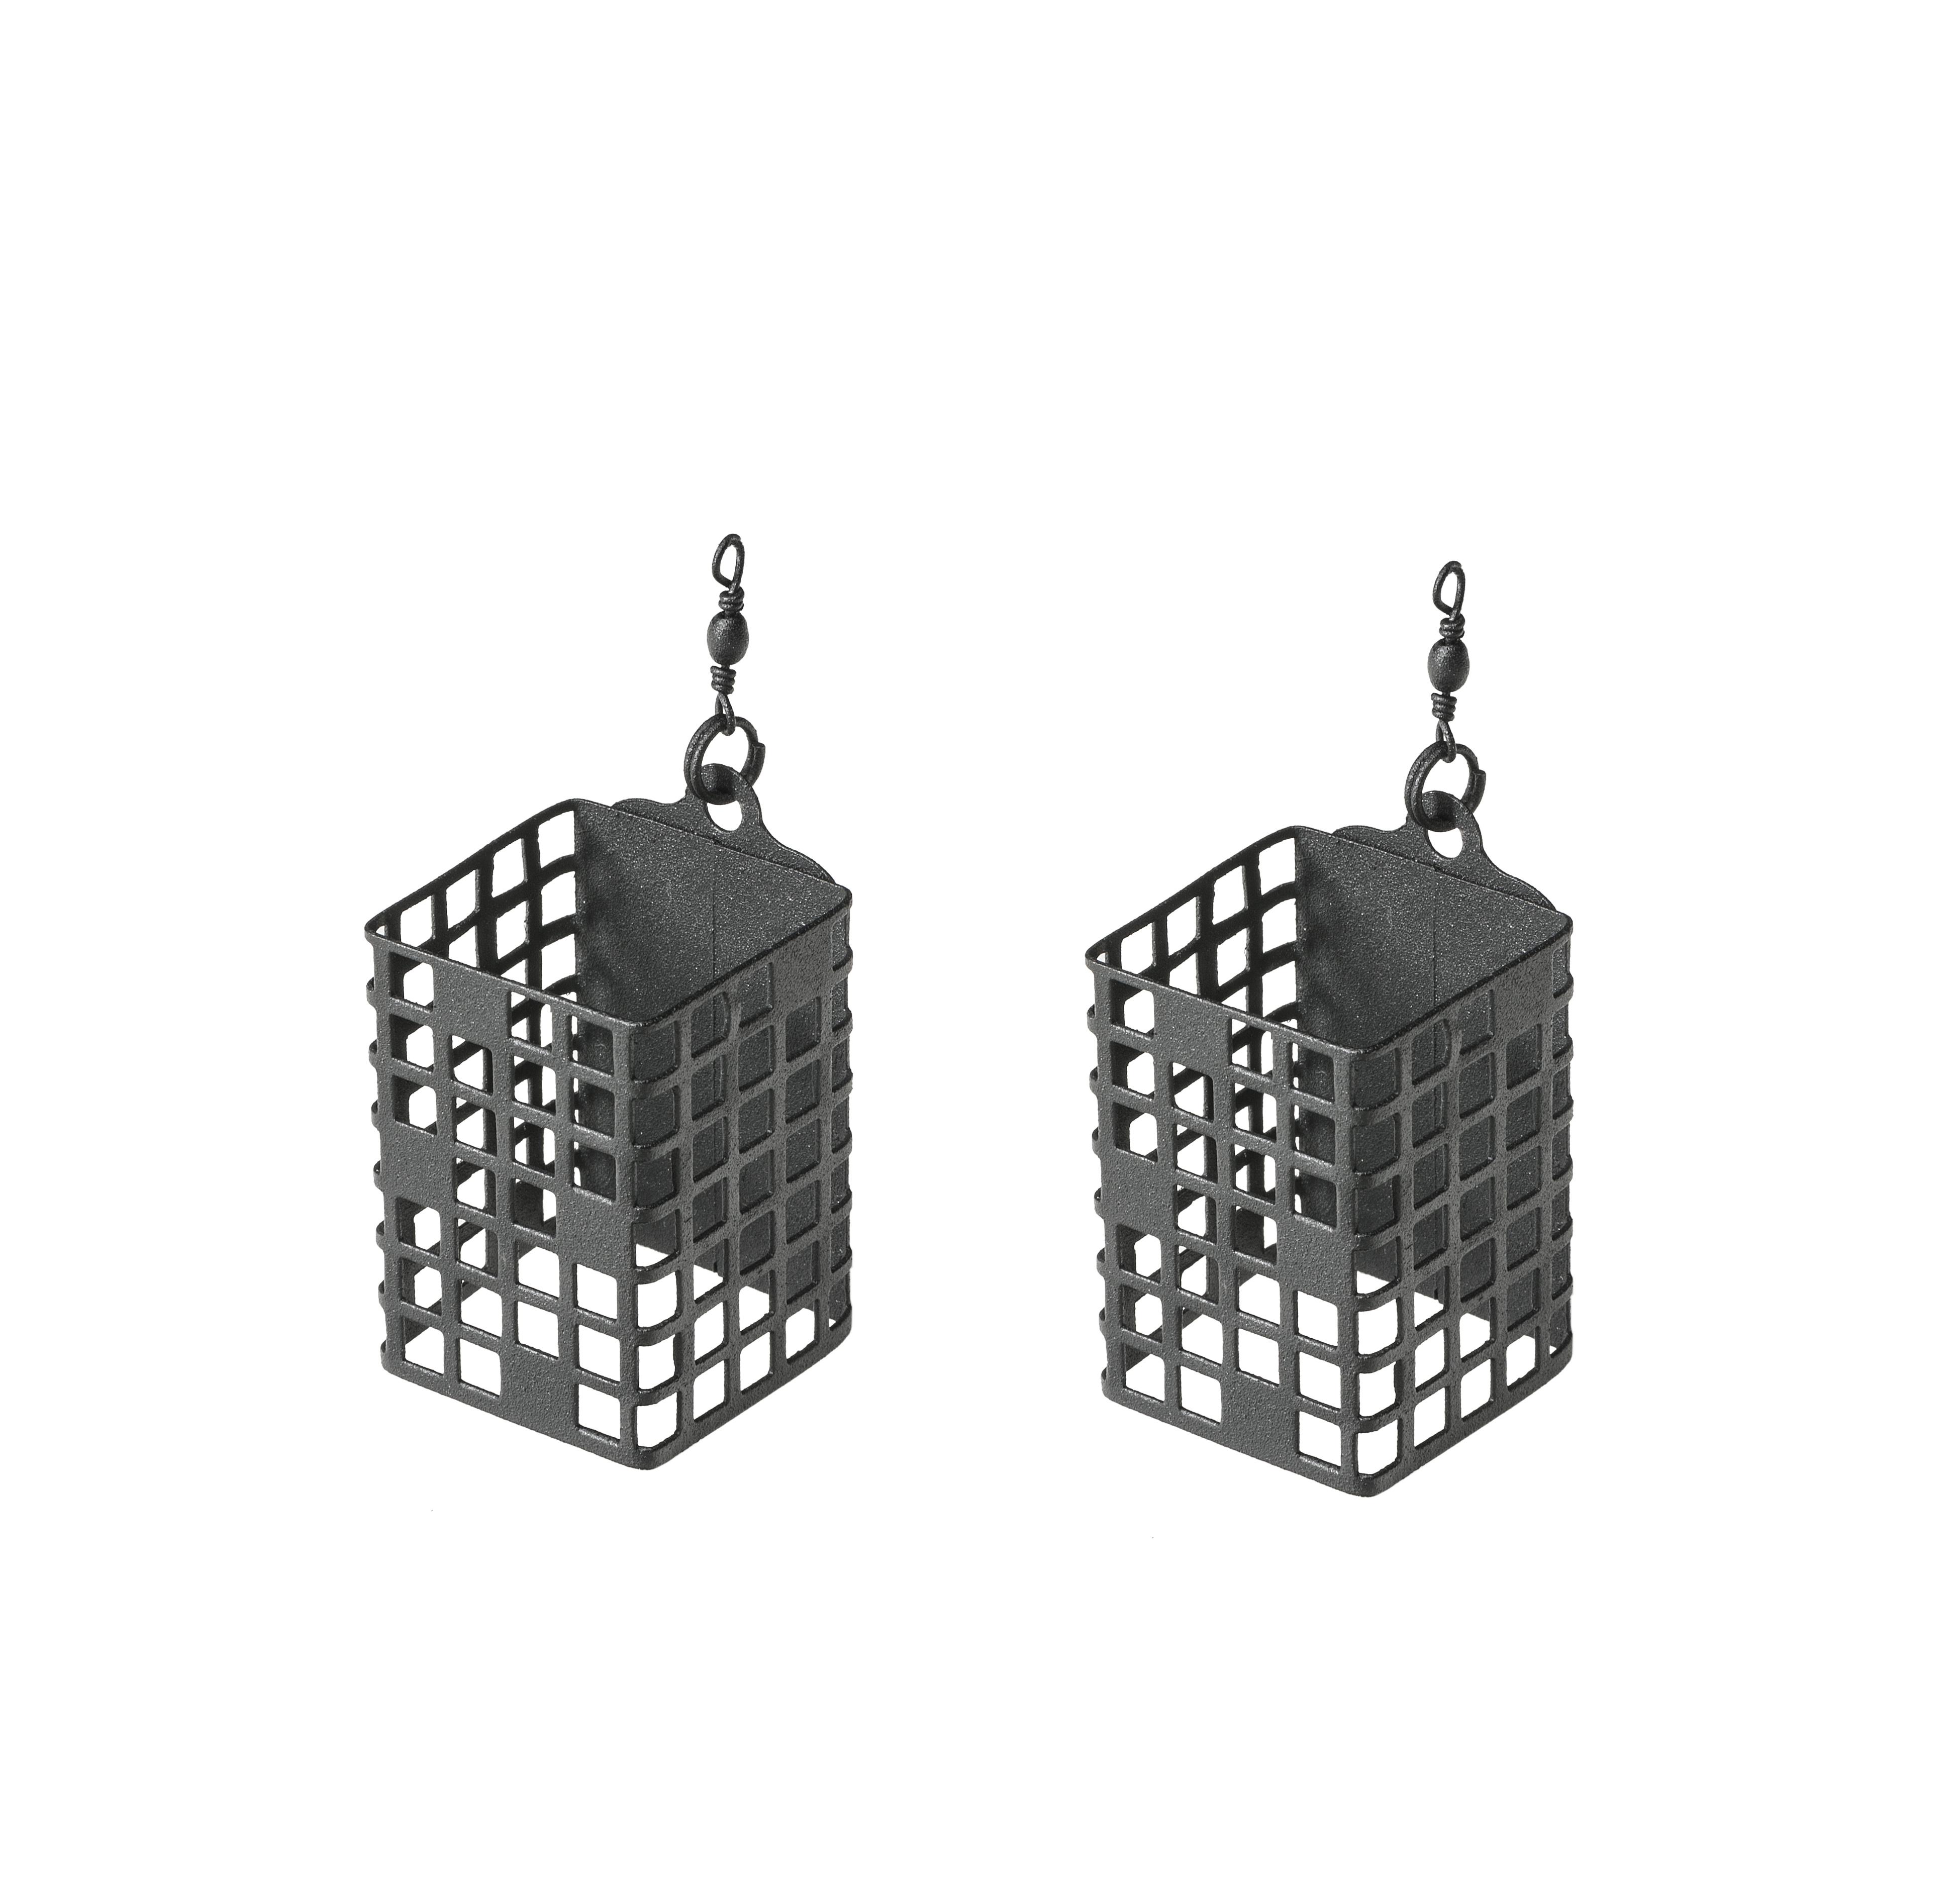 Feederové krmítko Premium Square 60gr (2ks)